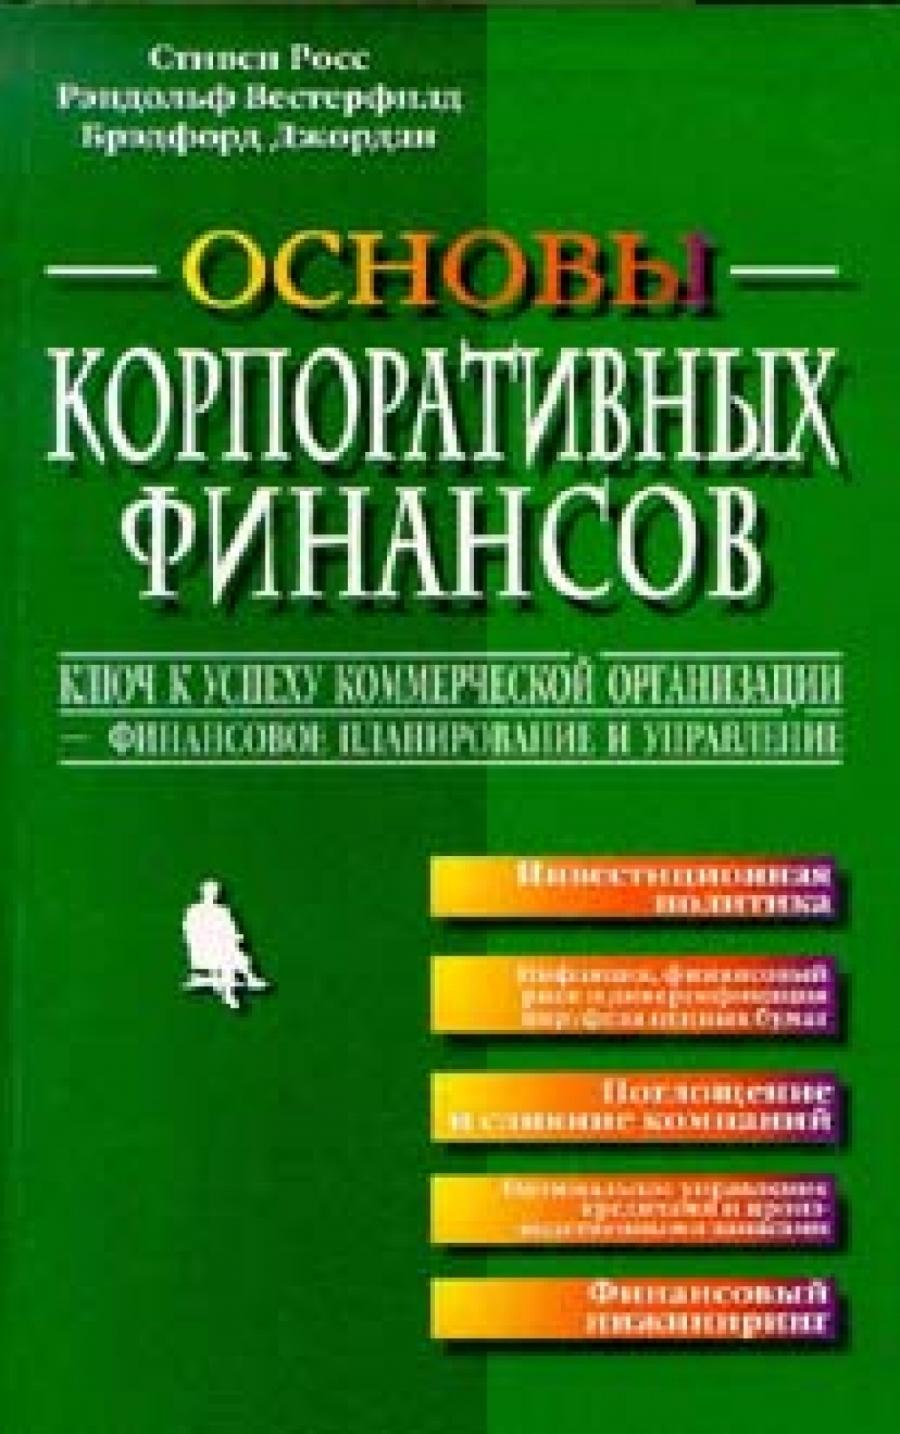 Обложка книги:  стивен росс, рэндольф вестерфилд, брэдфорд джордан - основы корпоративных финансов